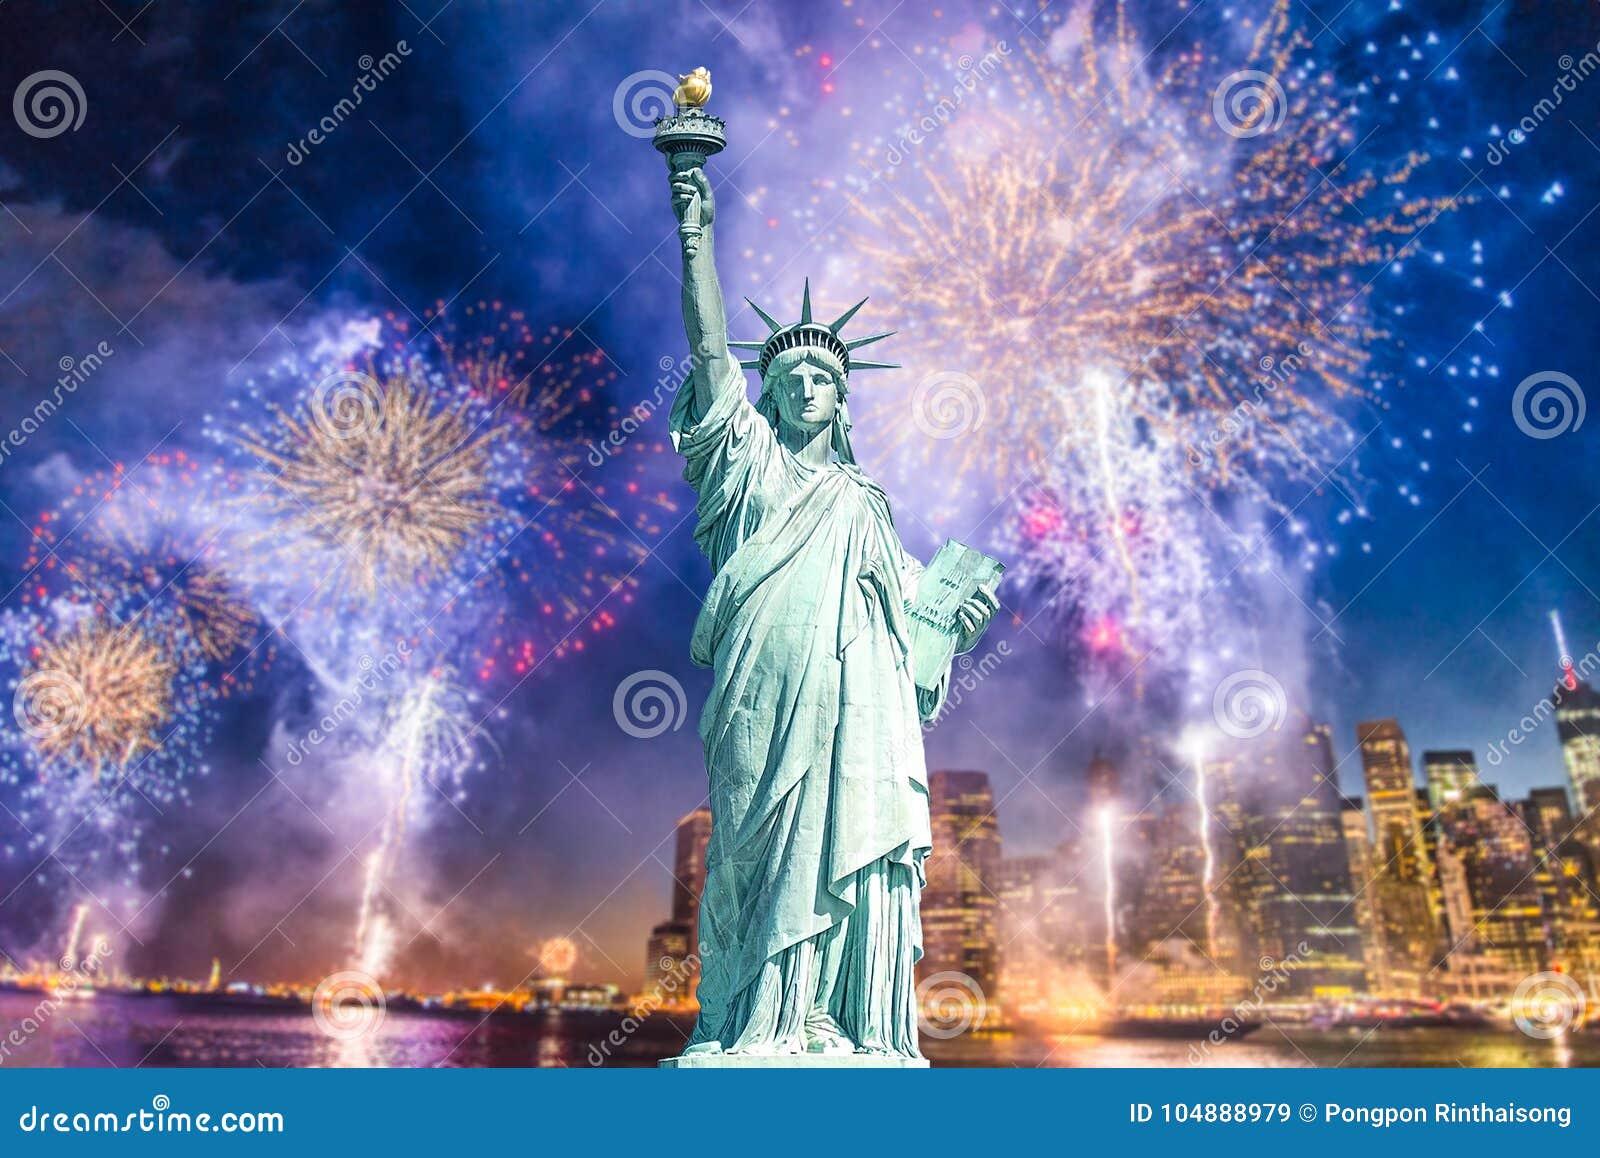 La statue de la liberté avec le fond brouillé du paysage urbain avec de beaux feux d artifice la nuit, Manhattan, New York City